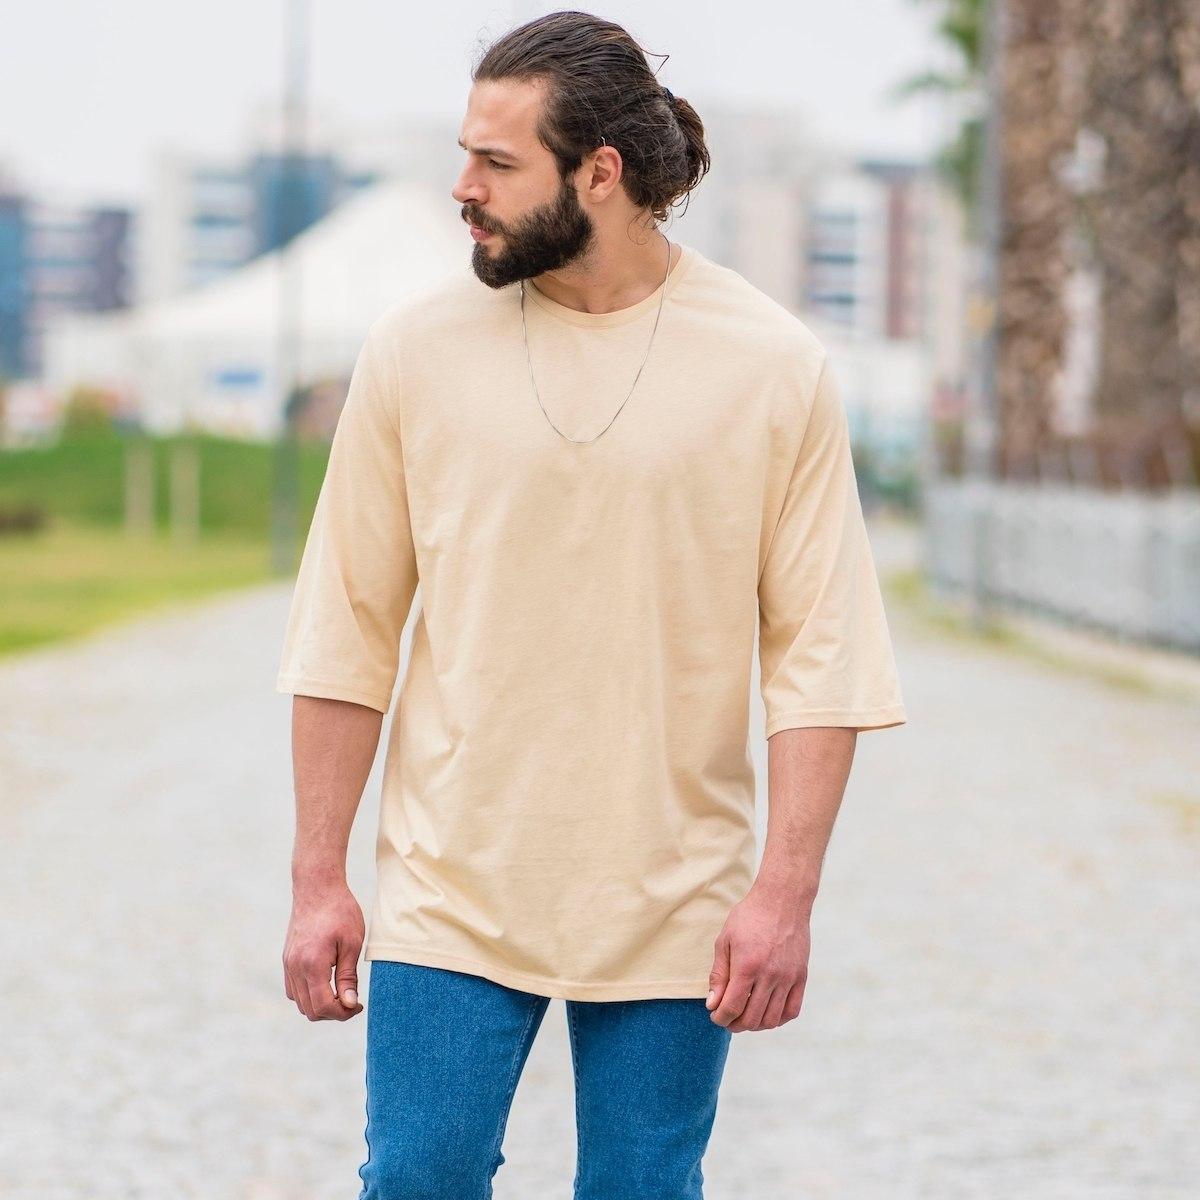 Men's Oversize Basic T-Shirt In Beige